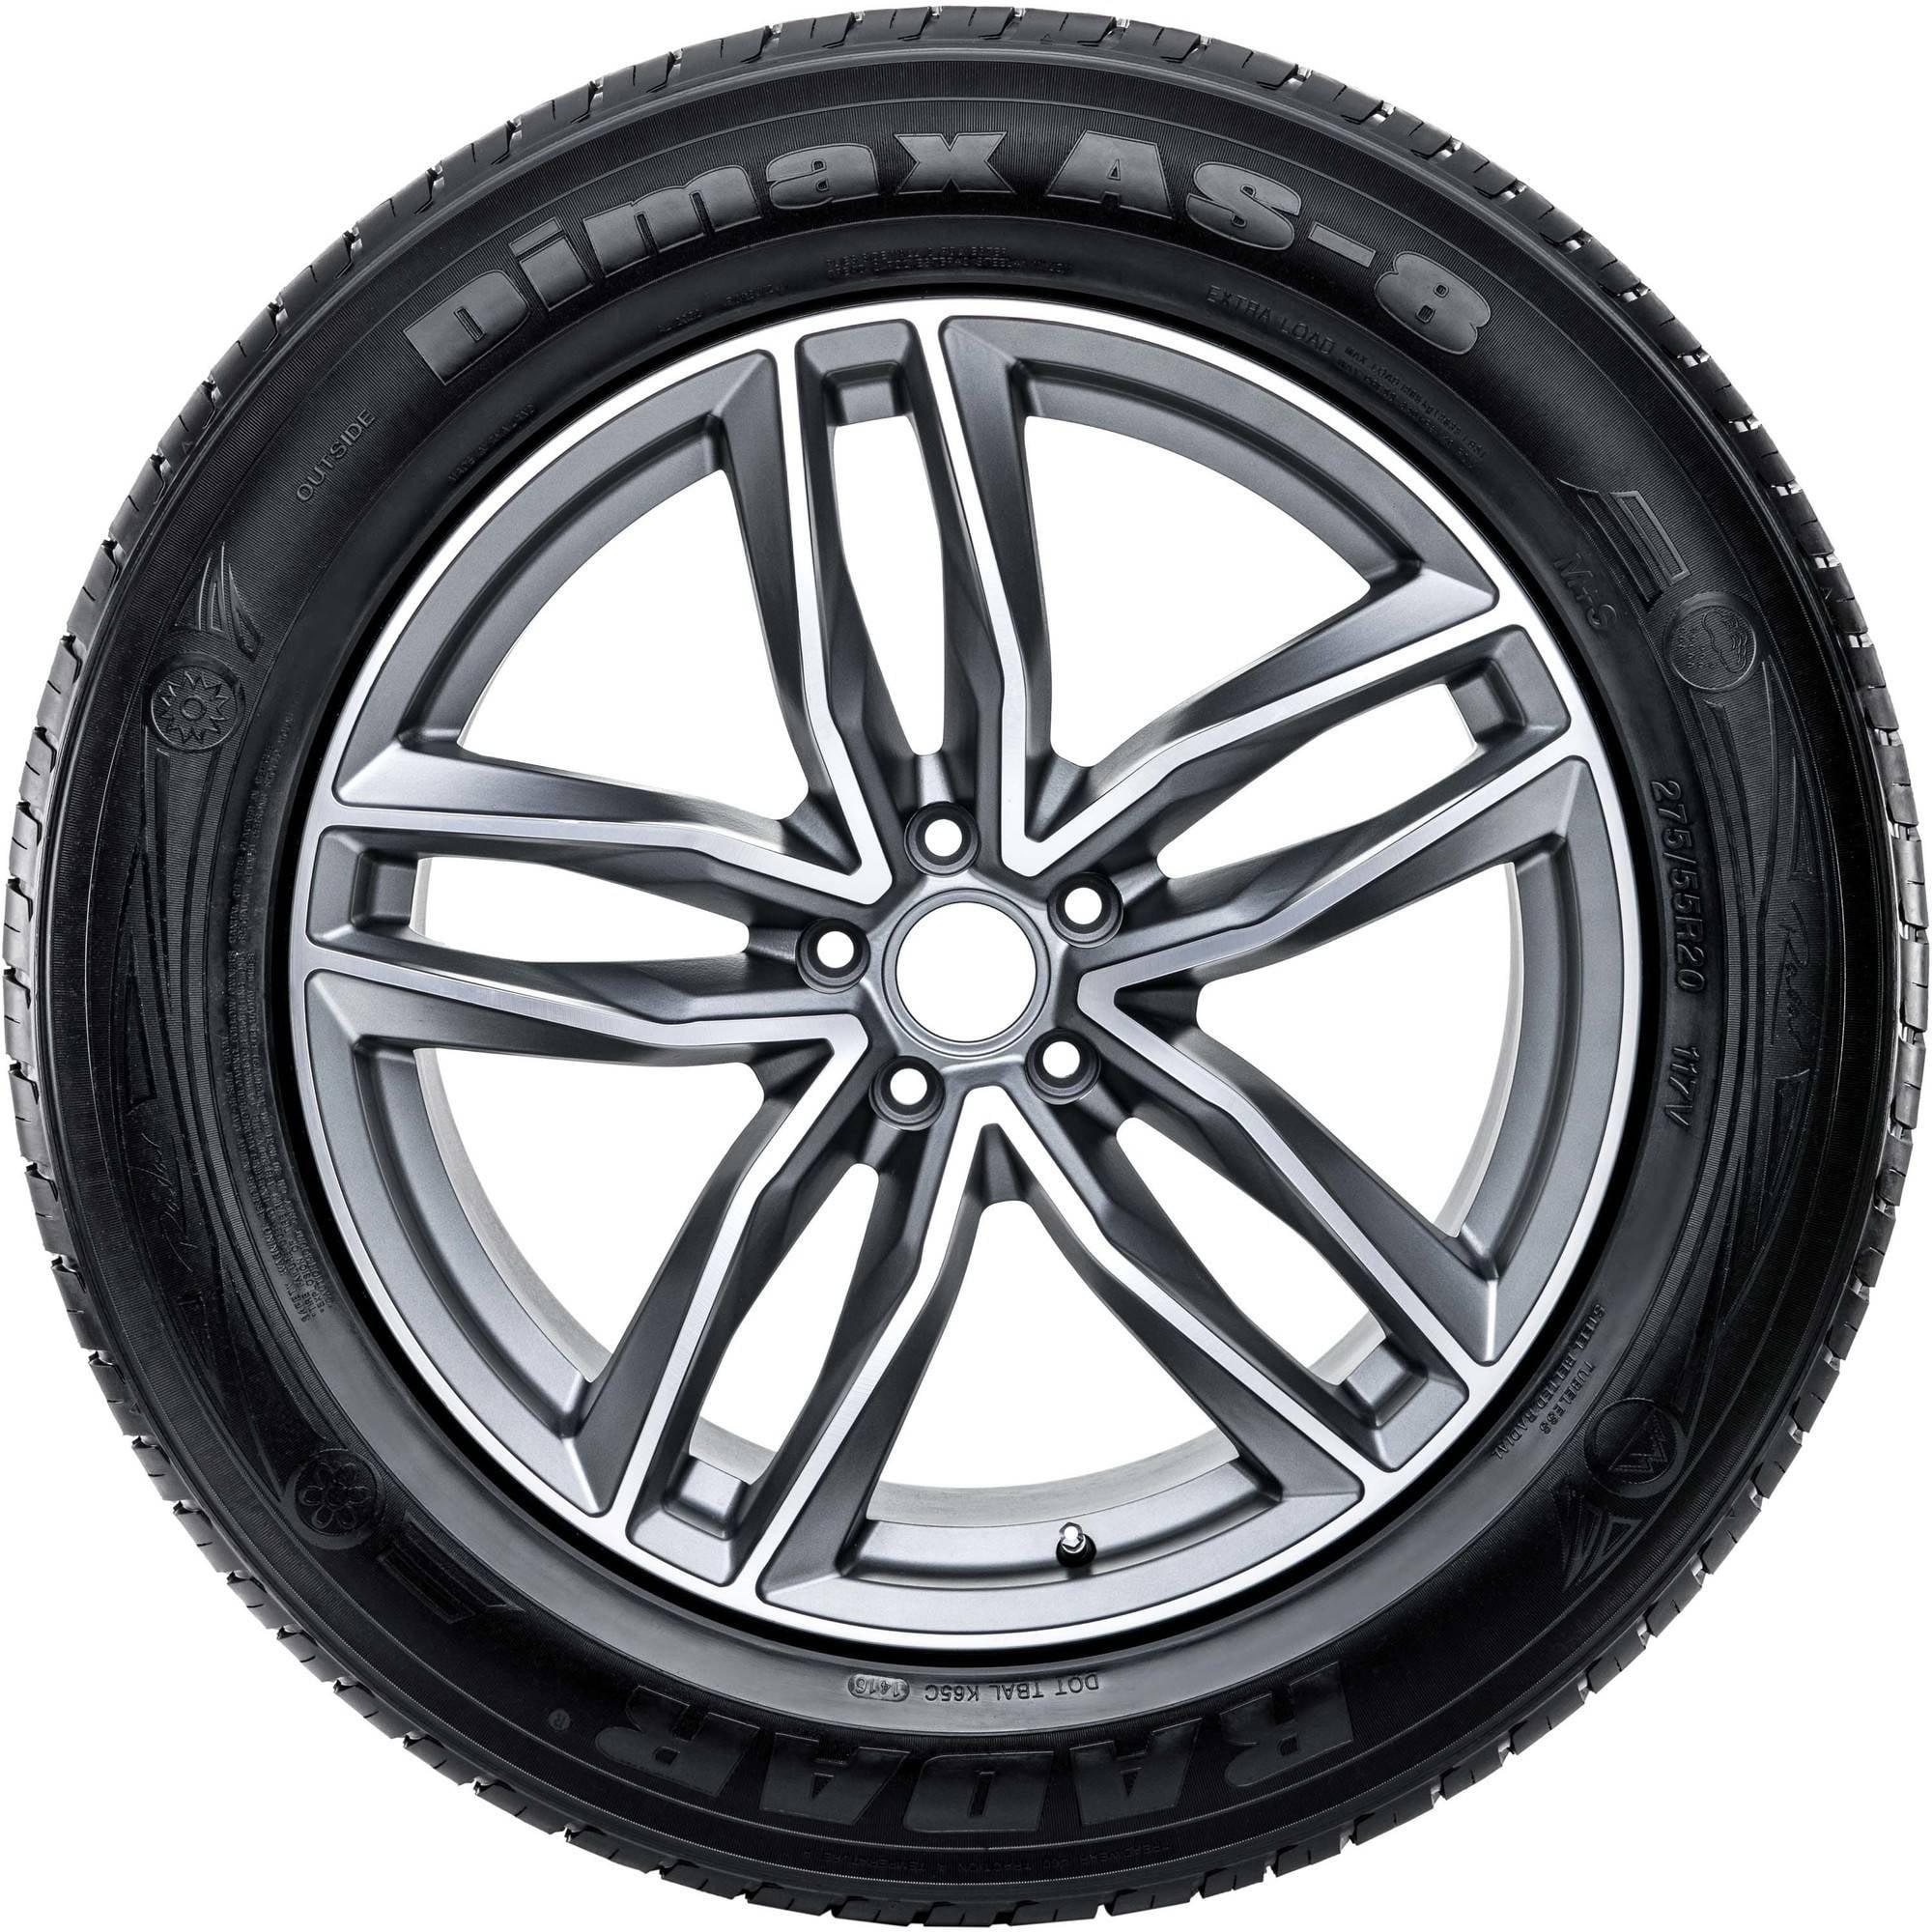 205 55R16 91V BSW Radar Dimax AS 8 Tires by Radar